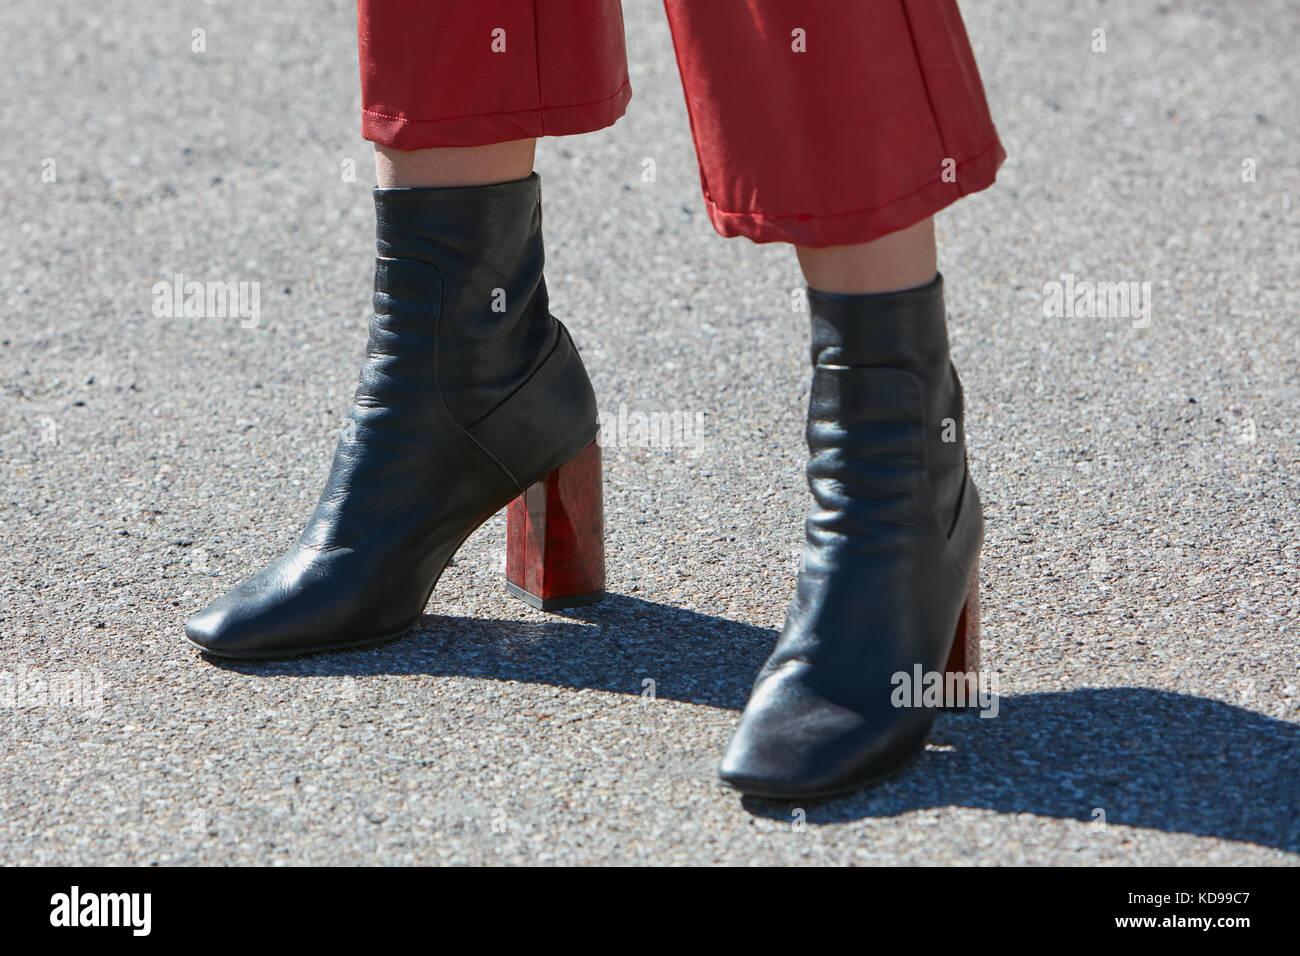 50b9d7a2 Milán - 20 de septiembre: mujer con botas de cuero negro con tacones ...